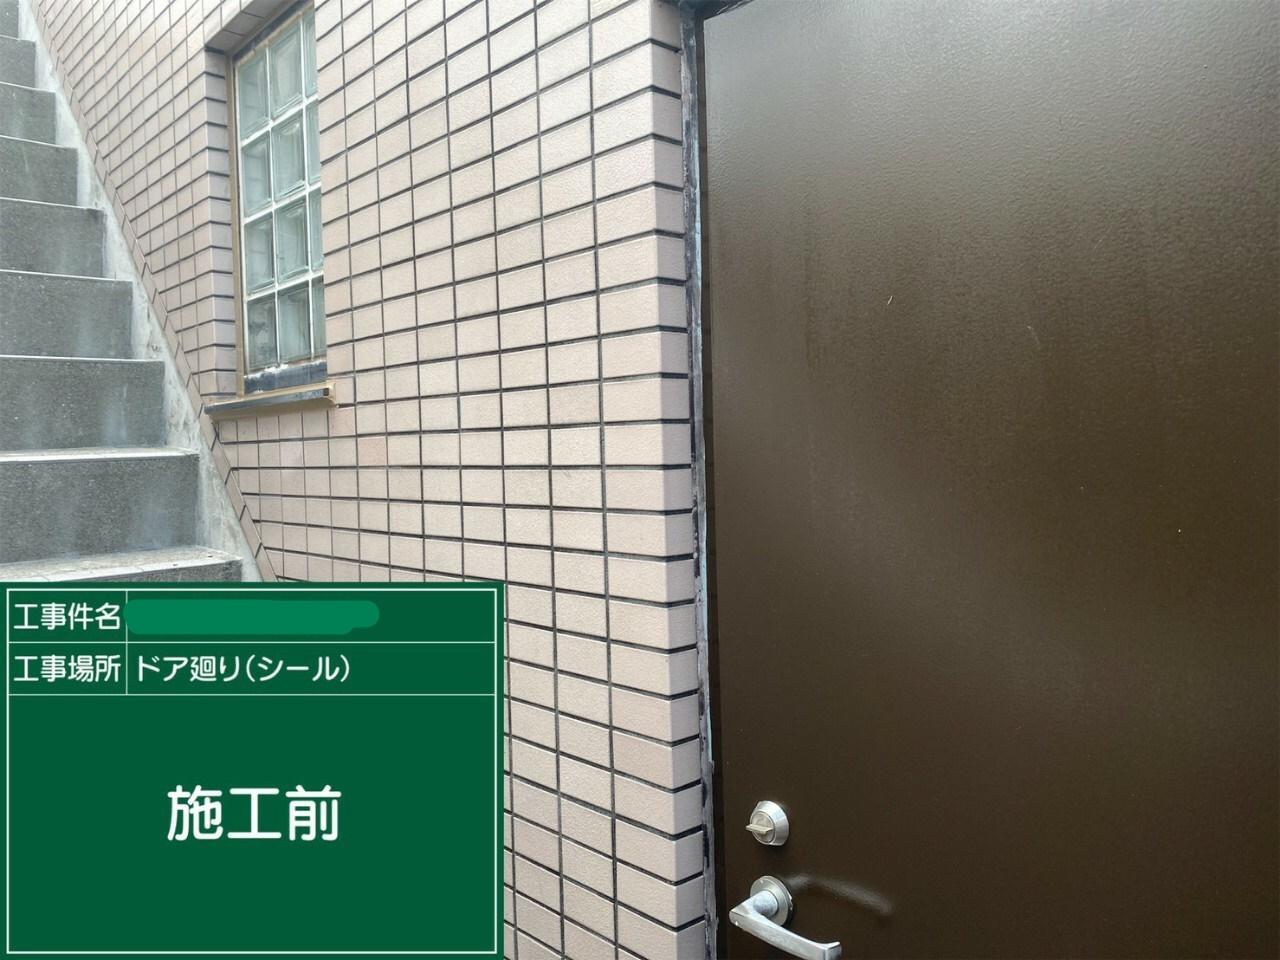 【ドア廻り】①施工前